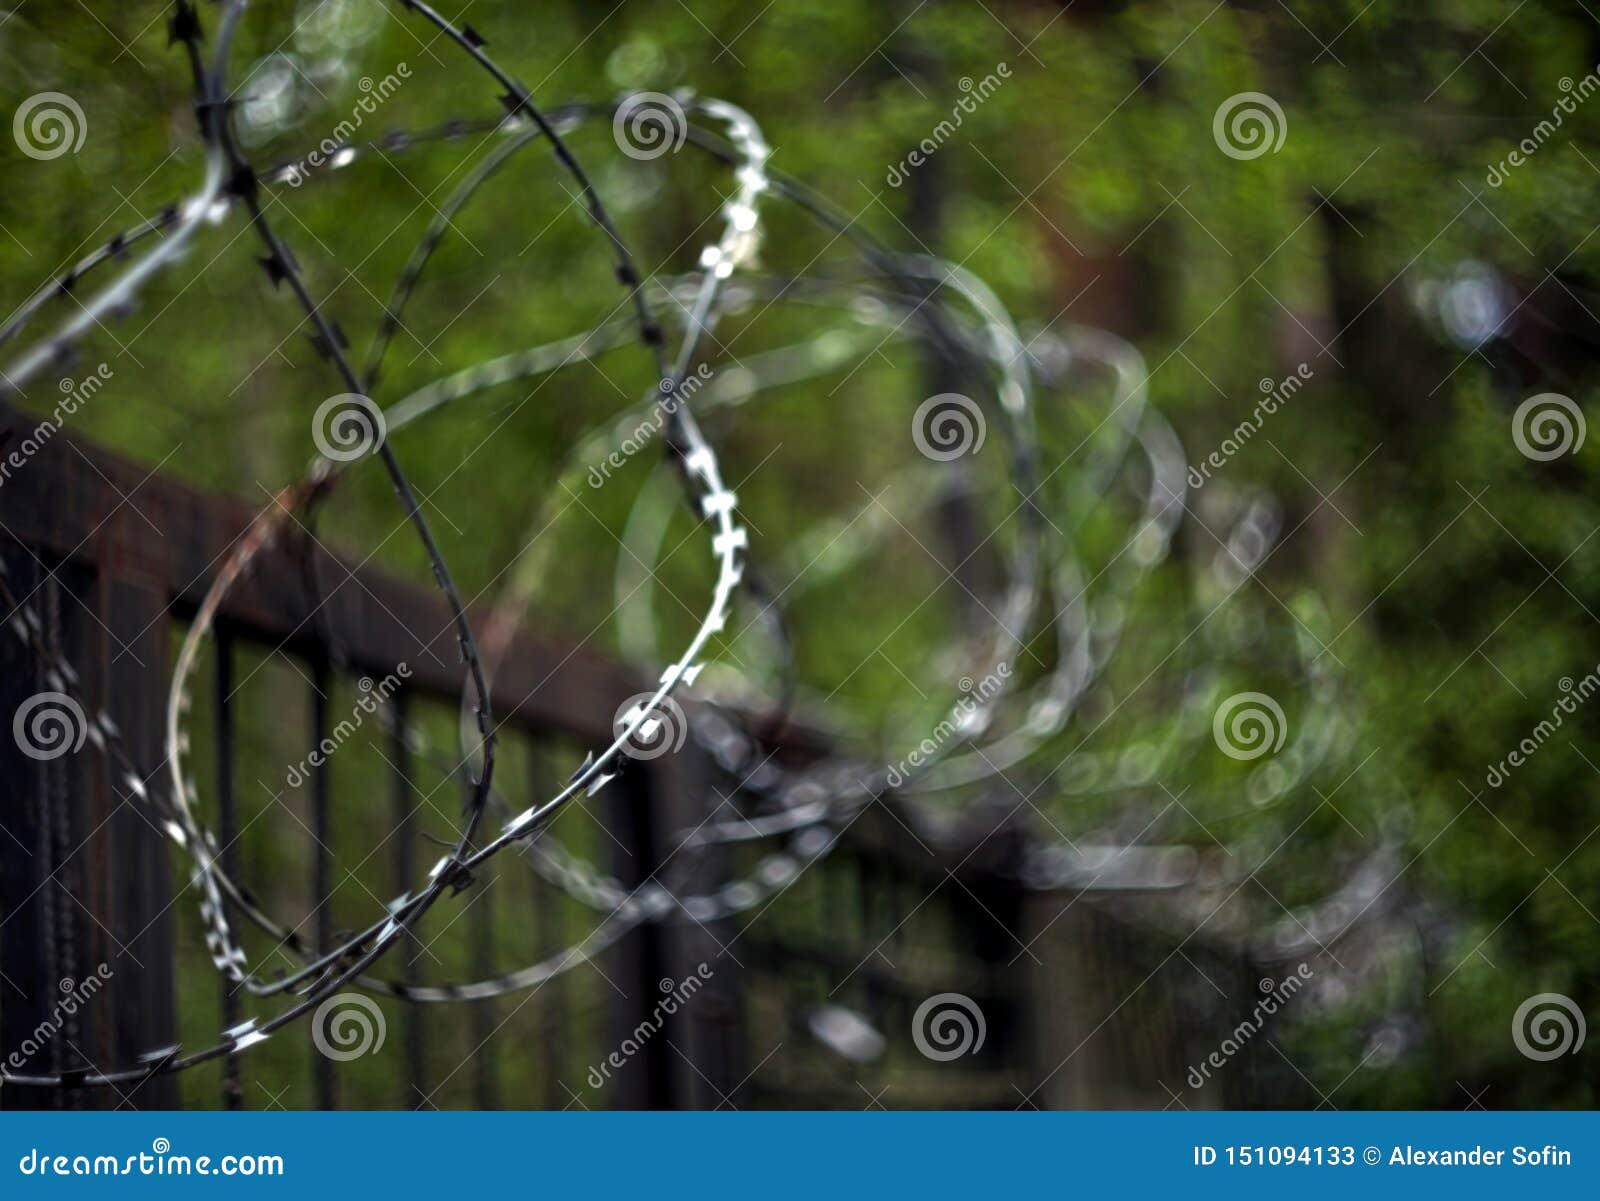 Bobinas do arame farpado em uma cerca do metal com um fundo borrado das folhas verdes das árvores